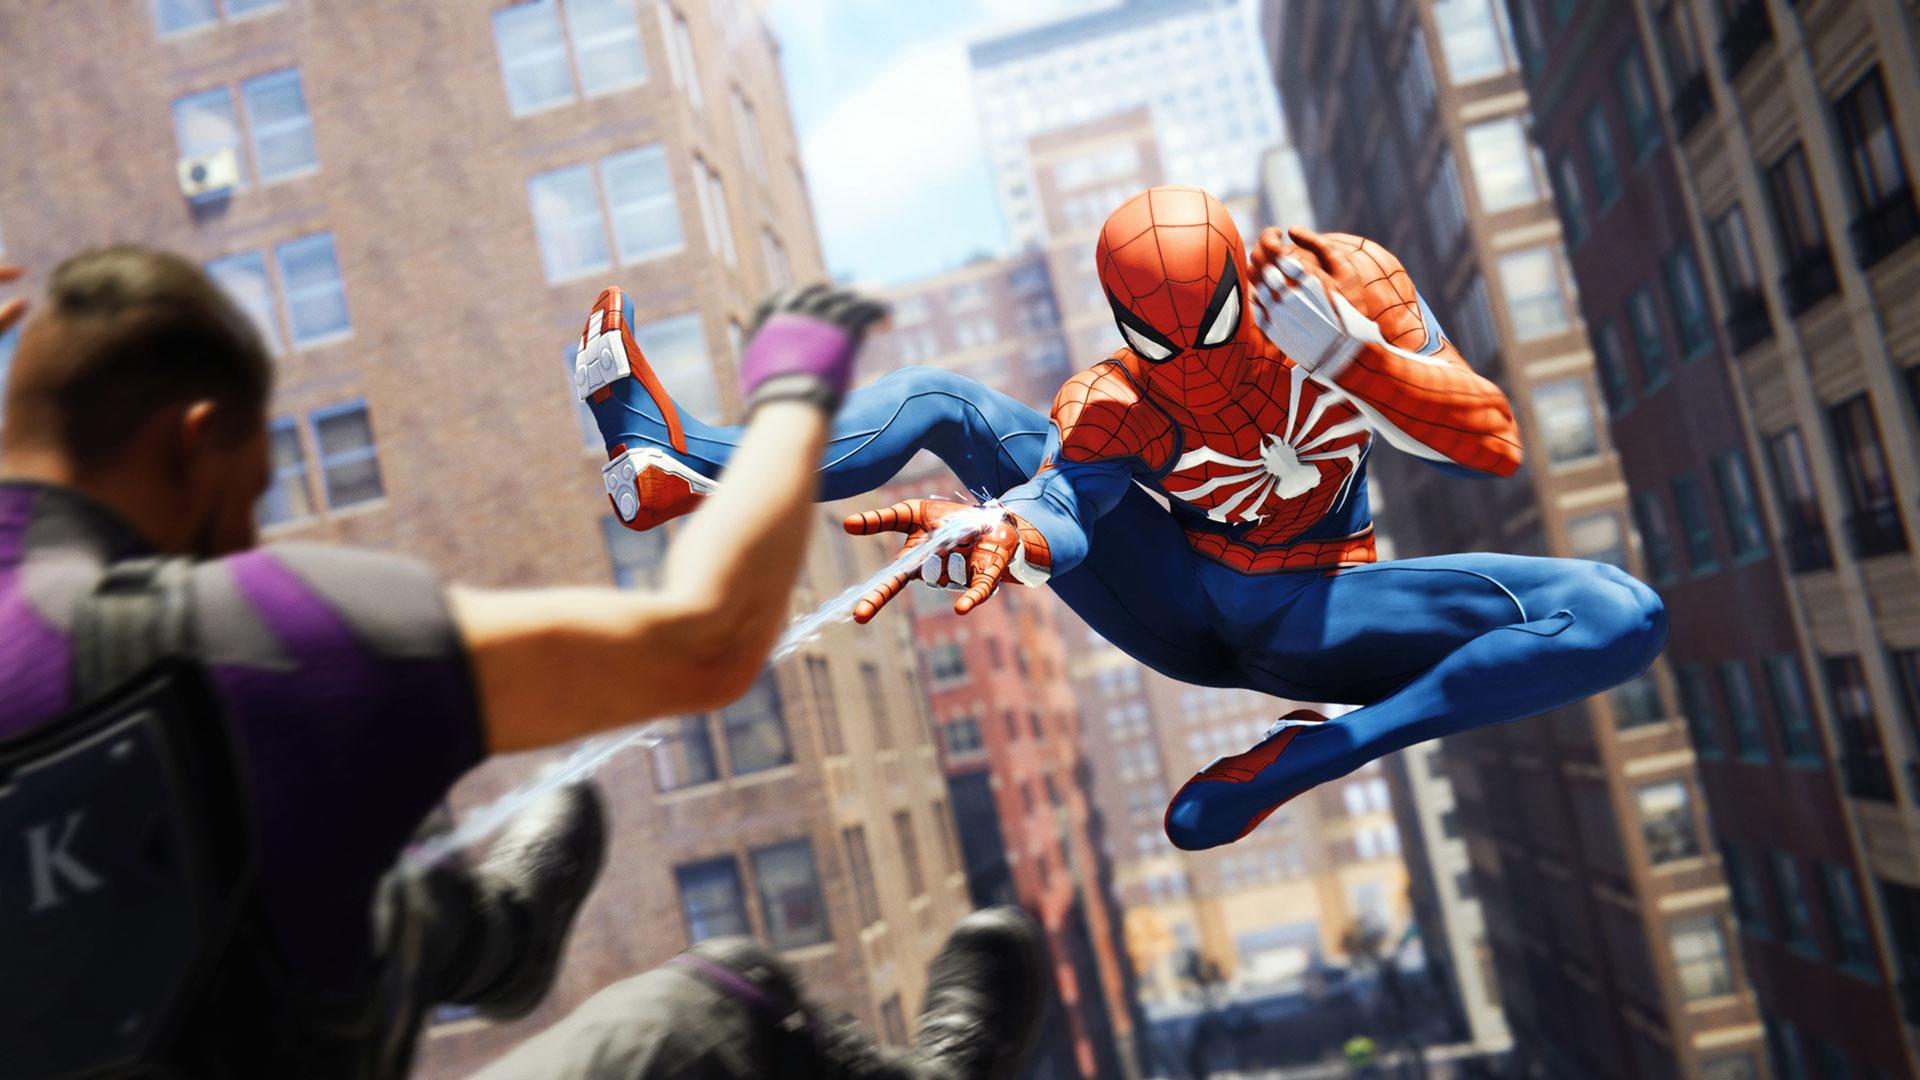 En el sistema de combate se podrán elegir varios tipos de redes que lo hagan más fácil y variado.Crédito: Playstation